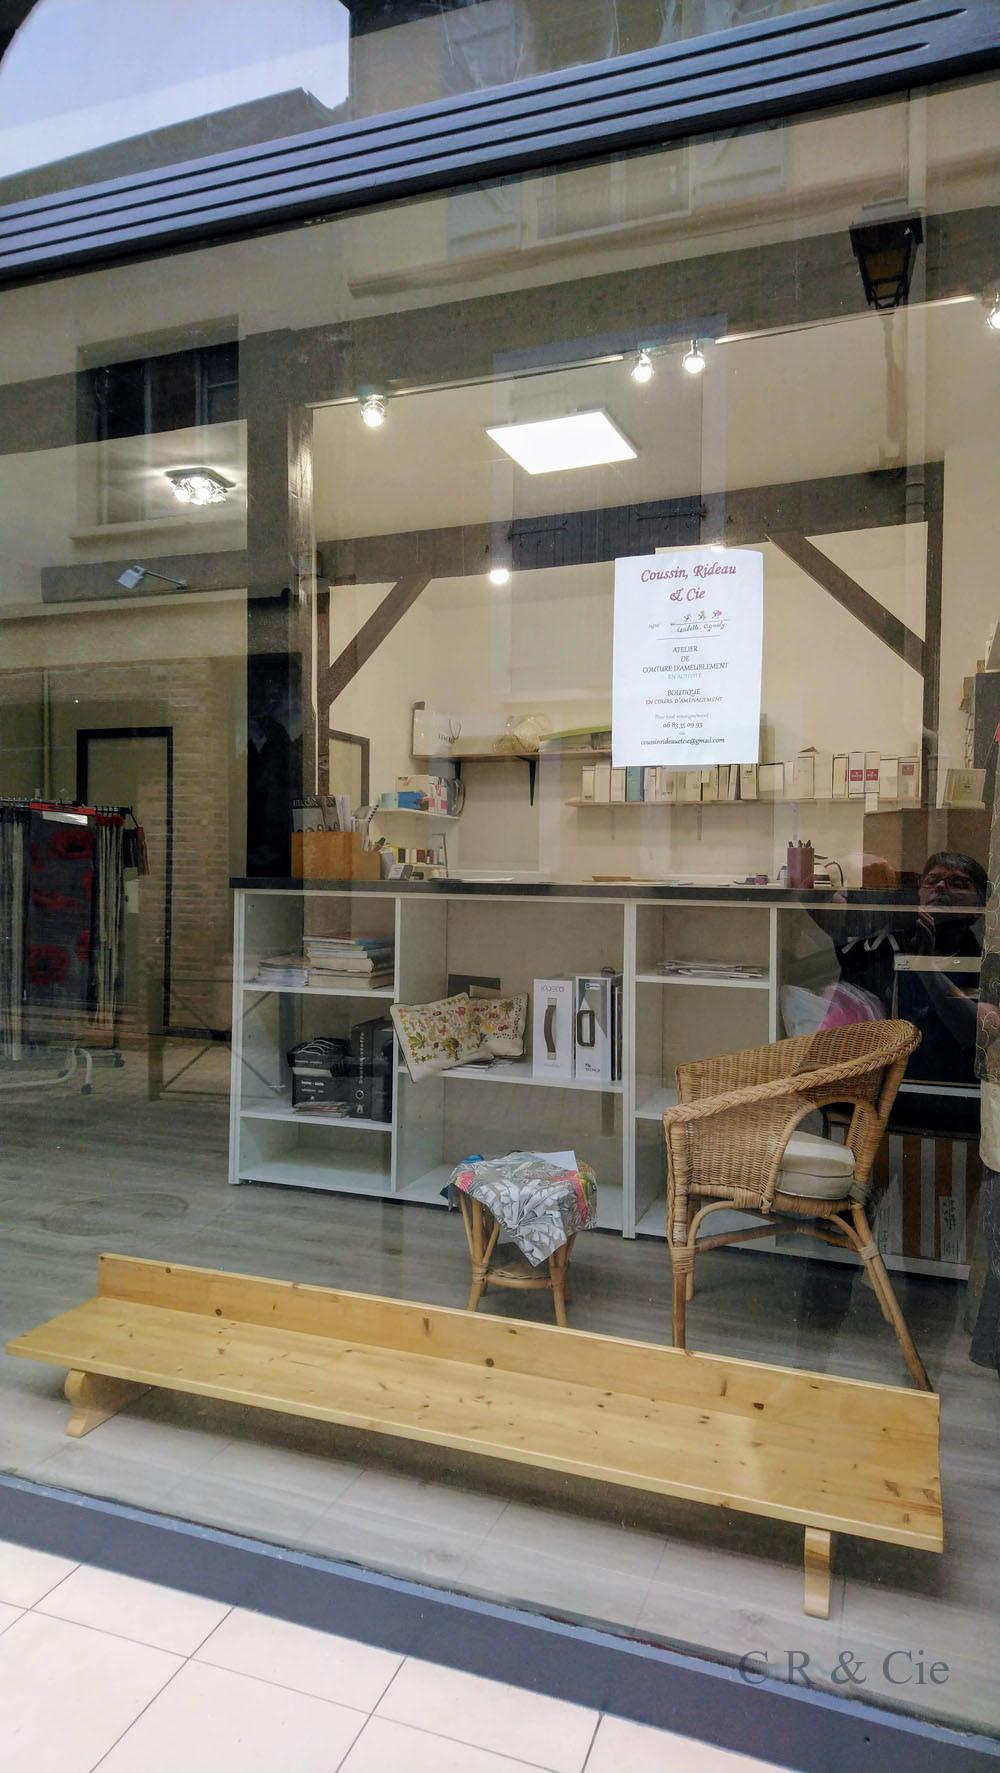 présentoir en bois de la vitrine de Coussin, Rideau & Cie